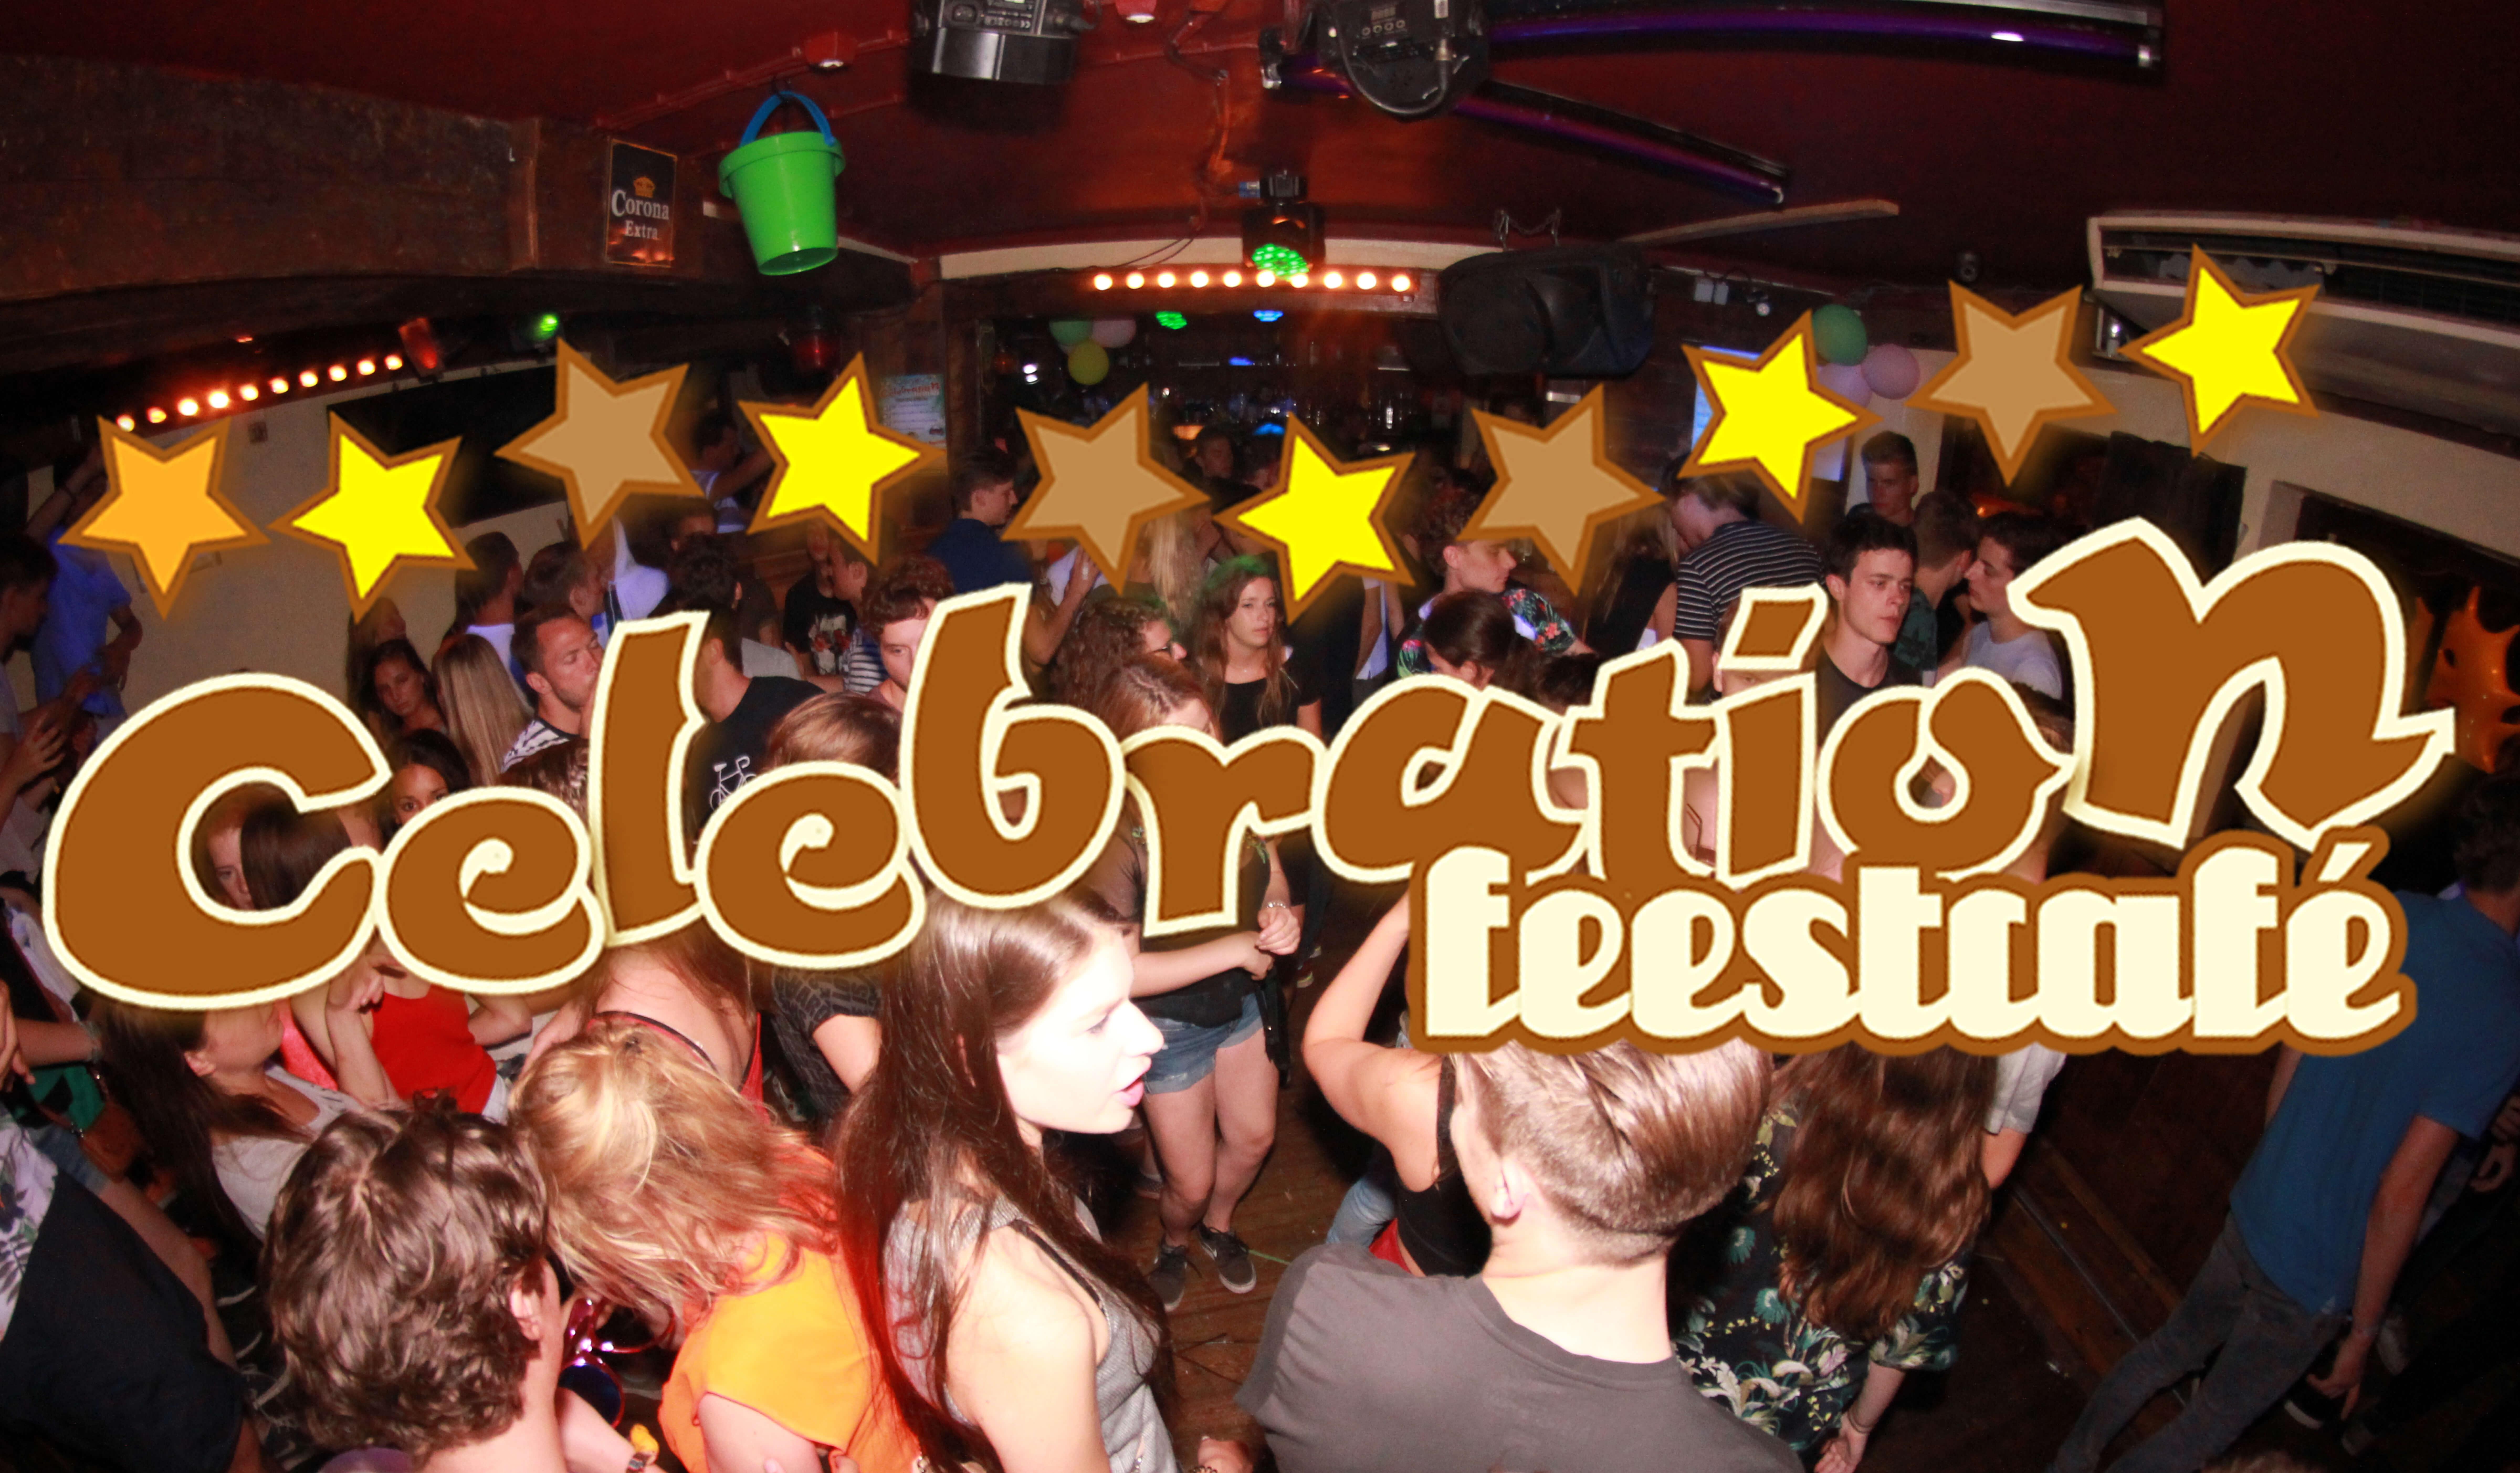 Celebration-feestcafe-stappeninalbufeira